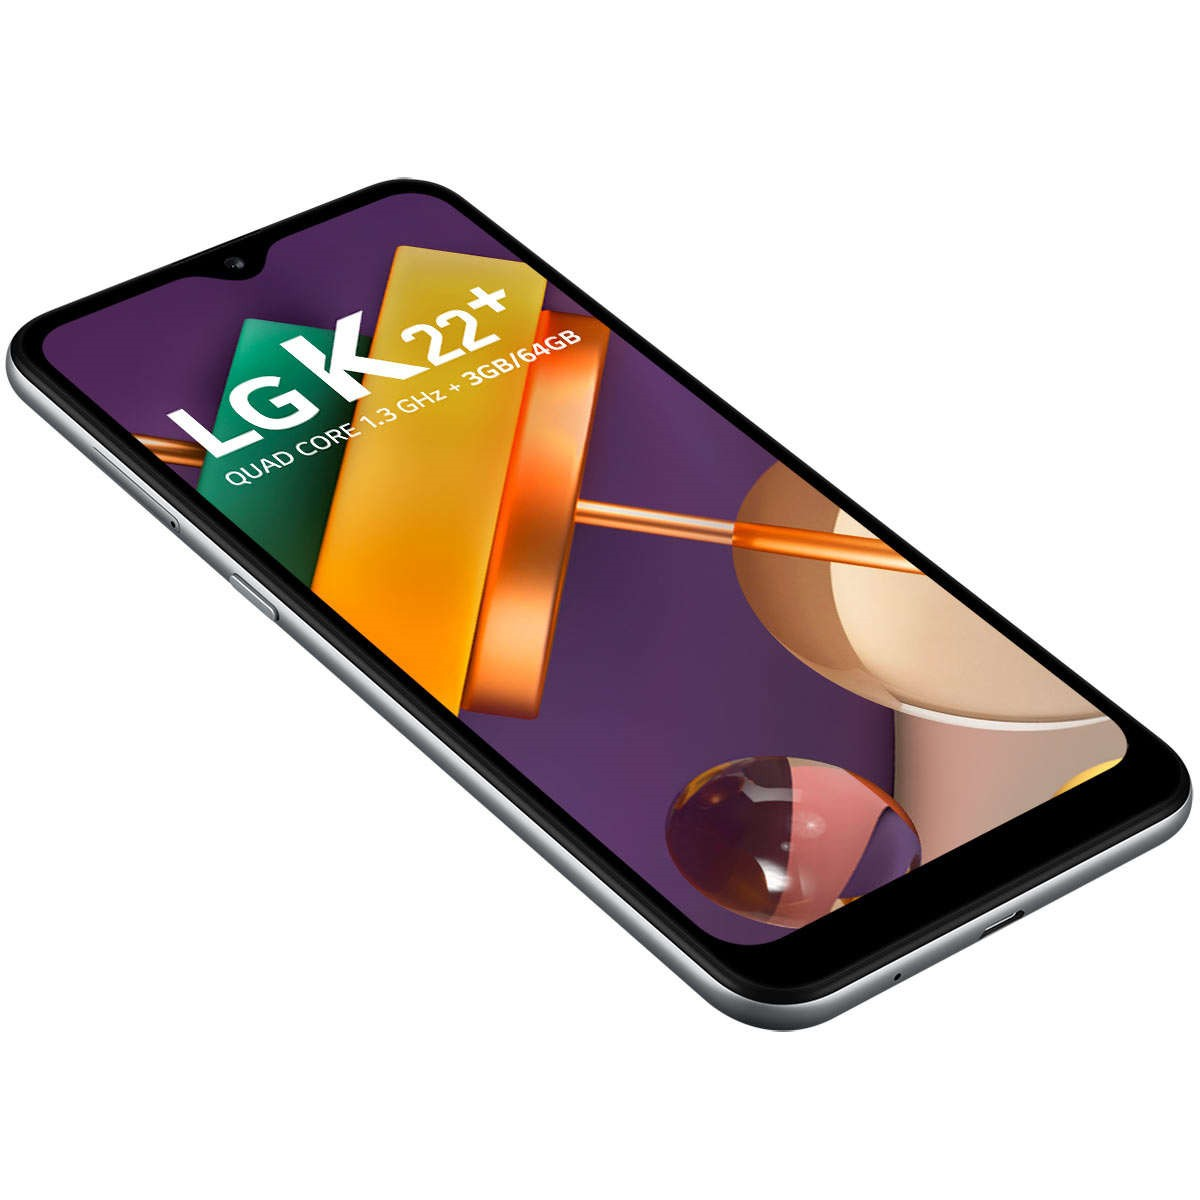 """Smartphone LG K22+ Titan 64GB, Tela de 6.2"""", Câmera Traseira Dupla, Android 10, Inteligência Artificial e Processador Quad-Core"""